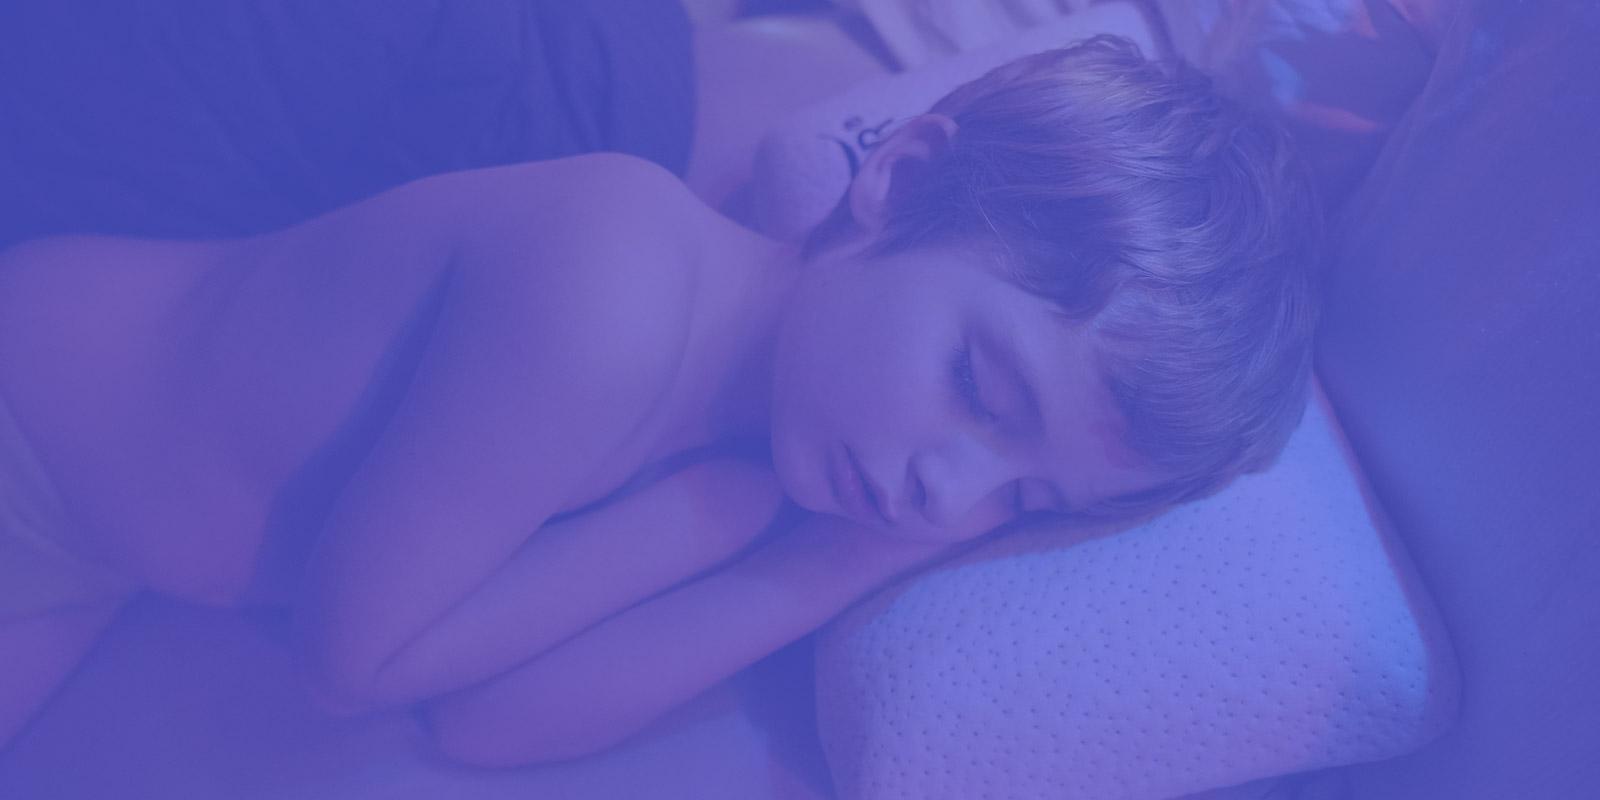 Hvordan får jeg mit barn til at sove? [4 tricks der faktisk virker]